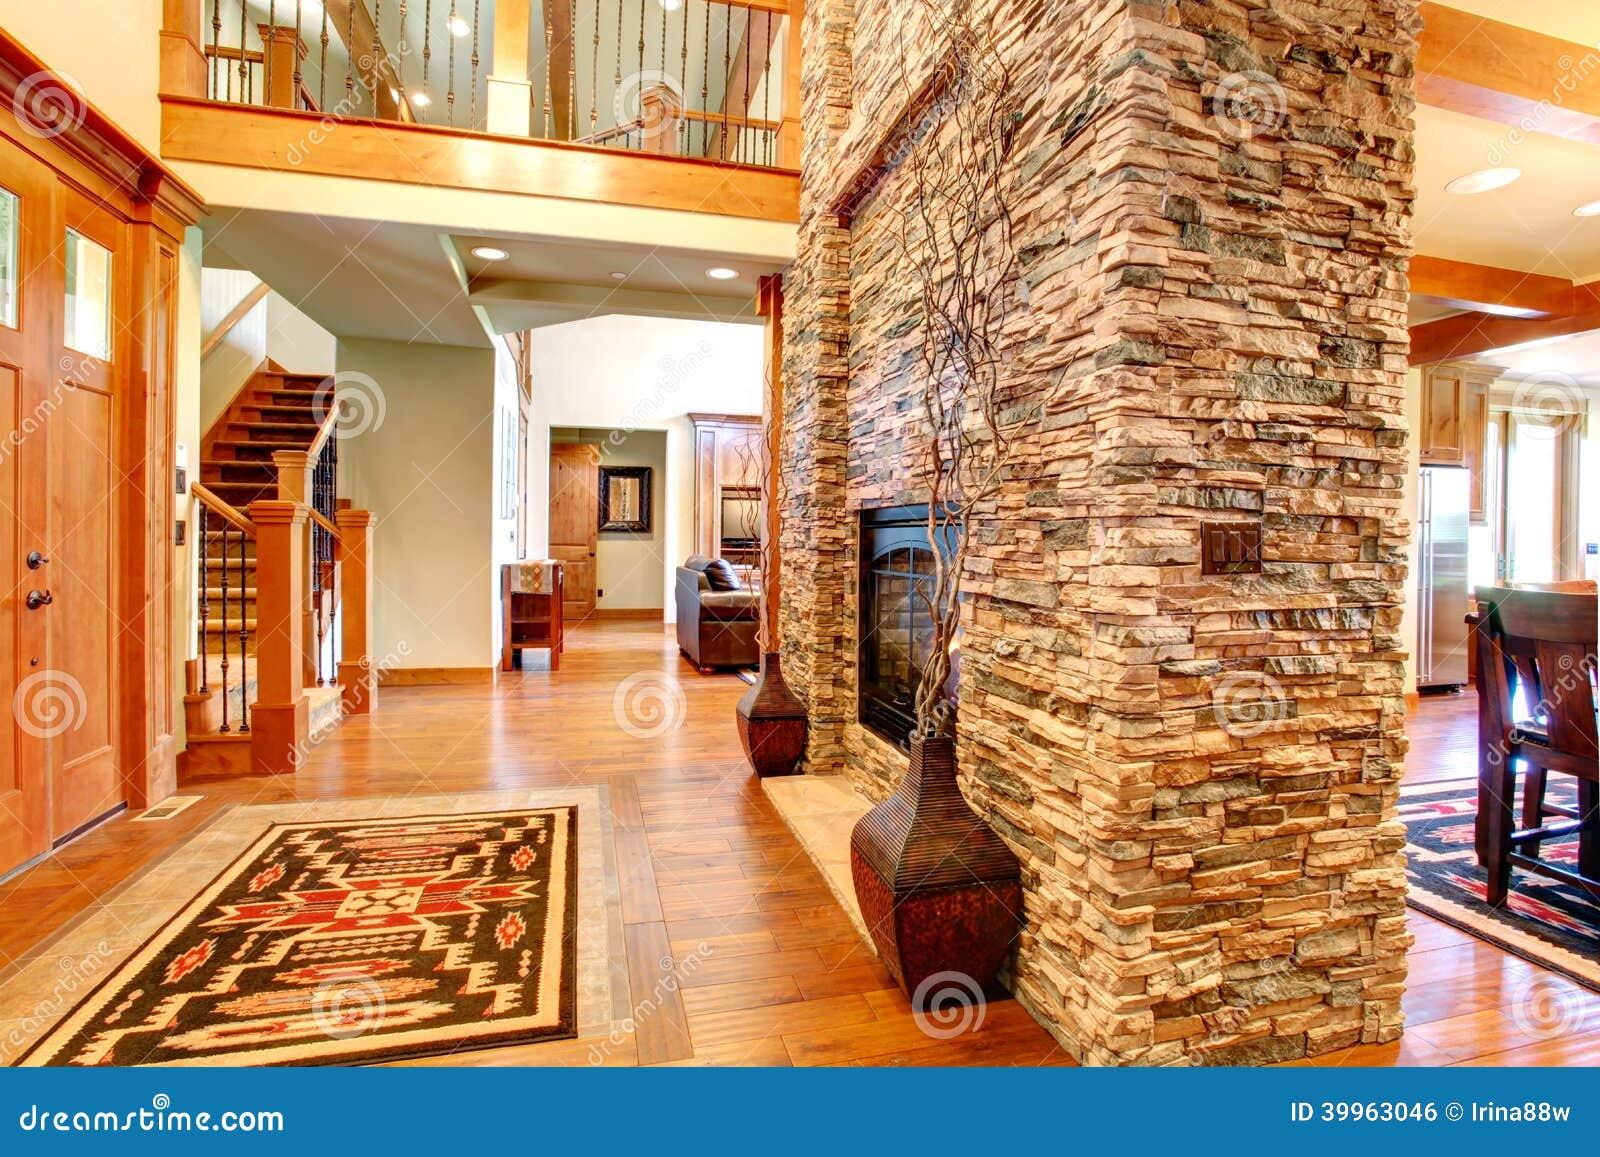 Int rieur de luxe de maison mur en pierre avec la chemin e photo stock ima - Interieur maison pierre ...